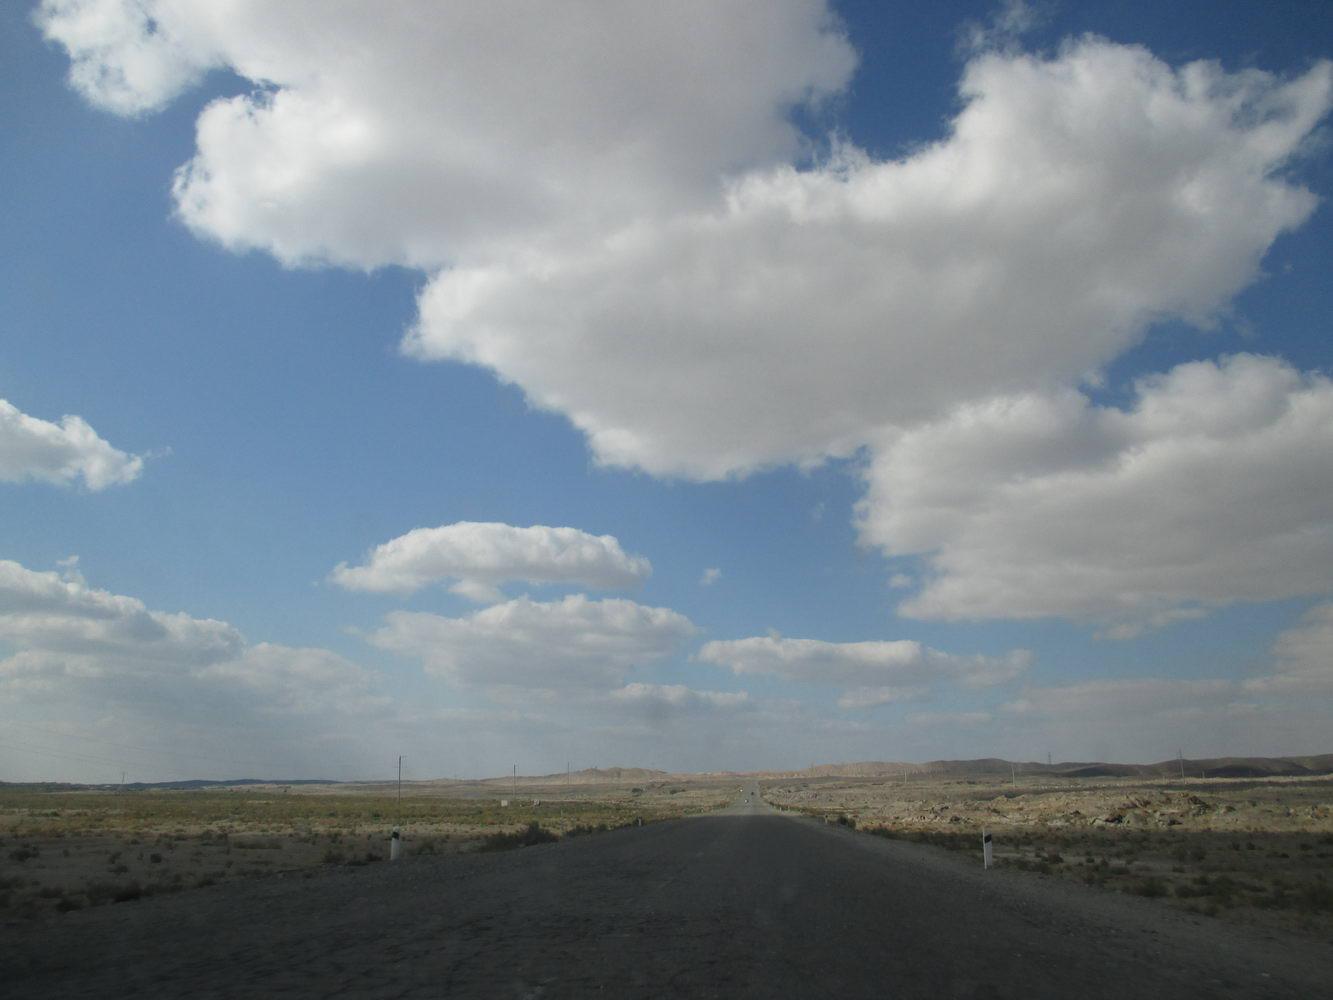 красивое небо и пустыня кызылкум. путь из узбекистана в казахстан автостопом